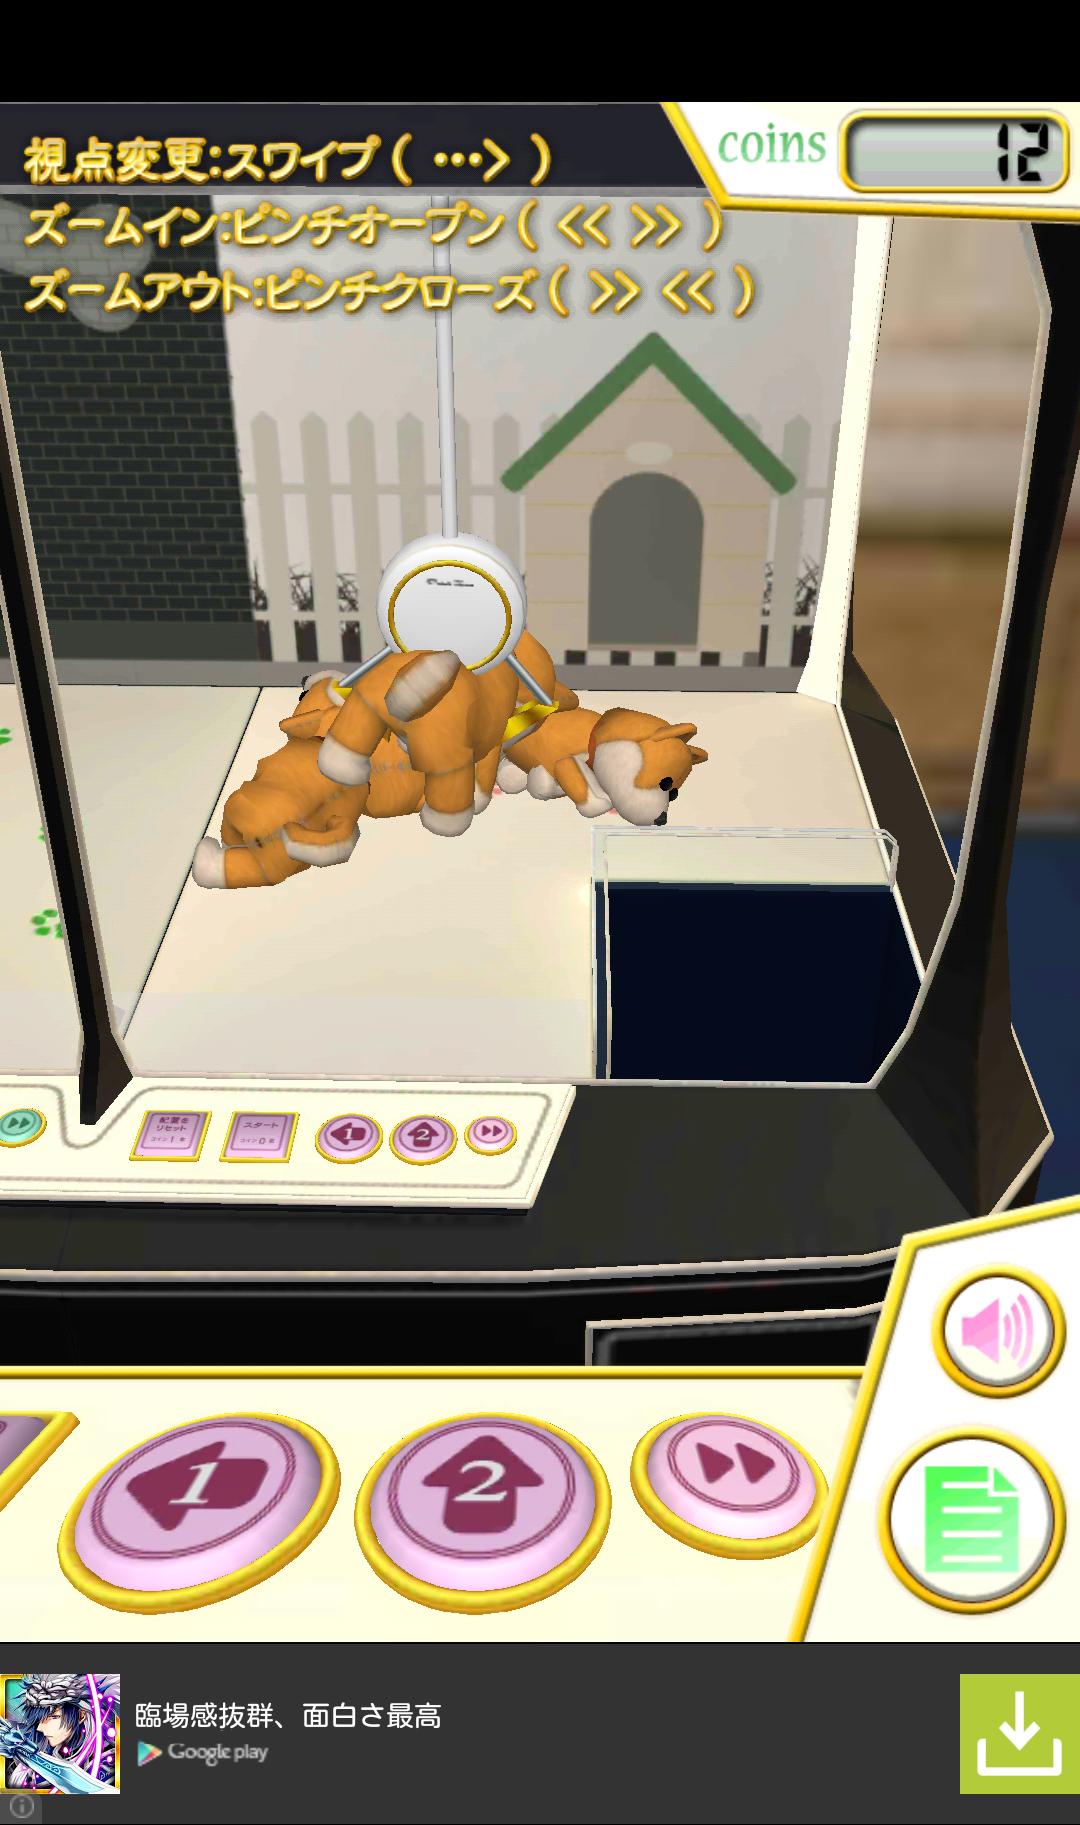 へなへな子犬キャッチャー androidアプリスクリーンショット2